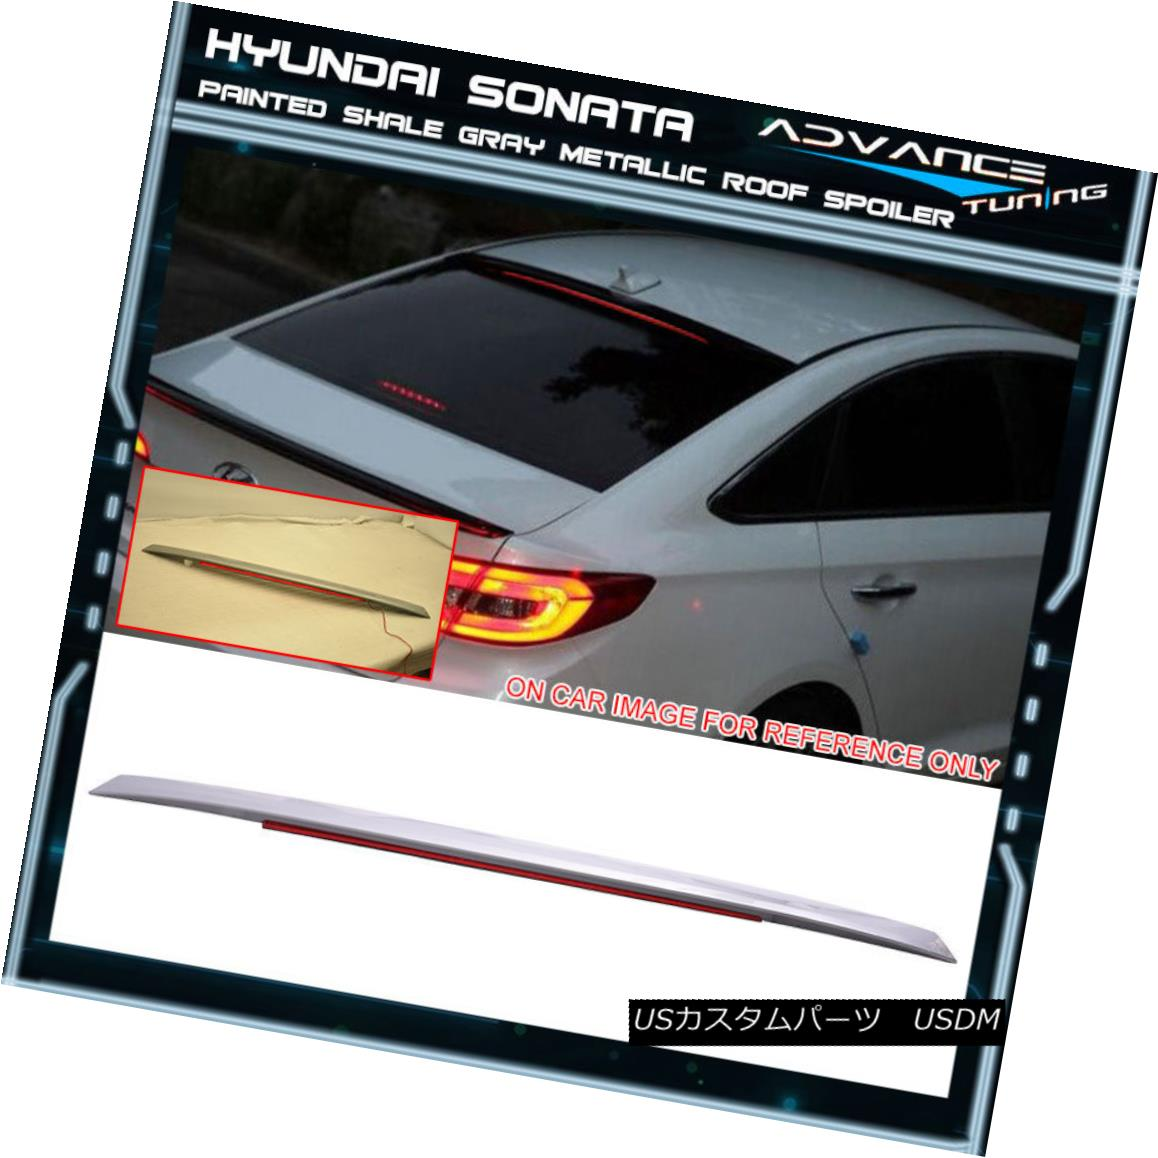 エアロパーツ Fit 15-17 Sonata LF OE Style Painted Roof Spoiler LED #V8S Shale Gray Metallic フィット15-17ソナタLF OEスタイル塗装ルーフスポイラーLED#V8Sシェールグレーメタリック